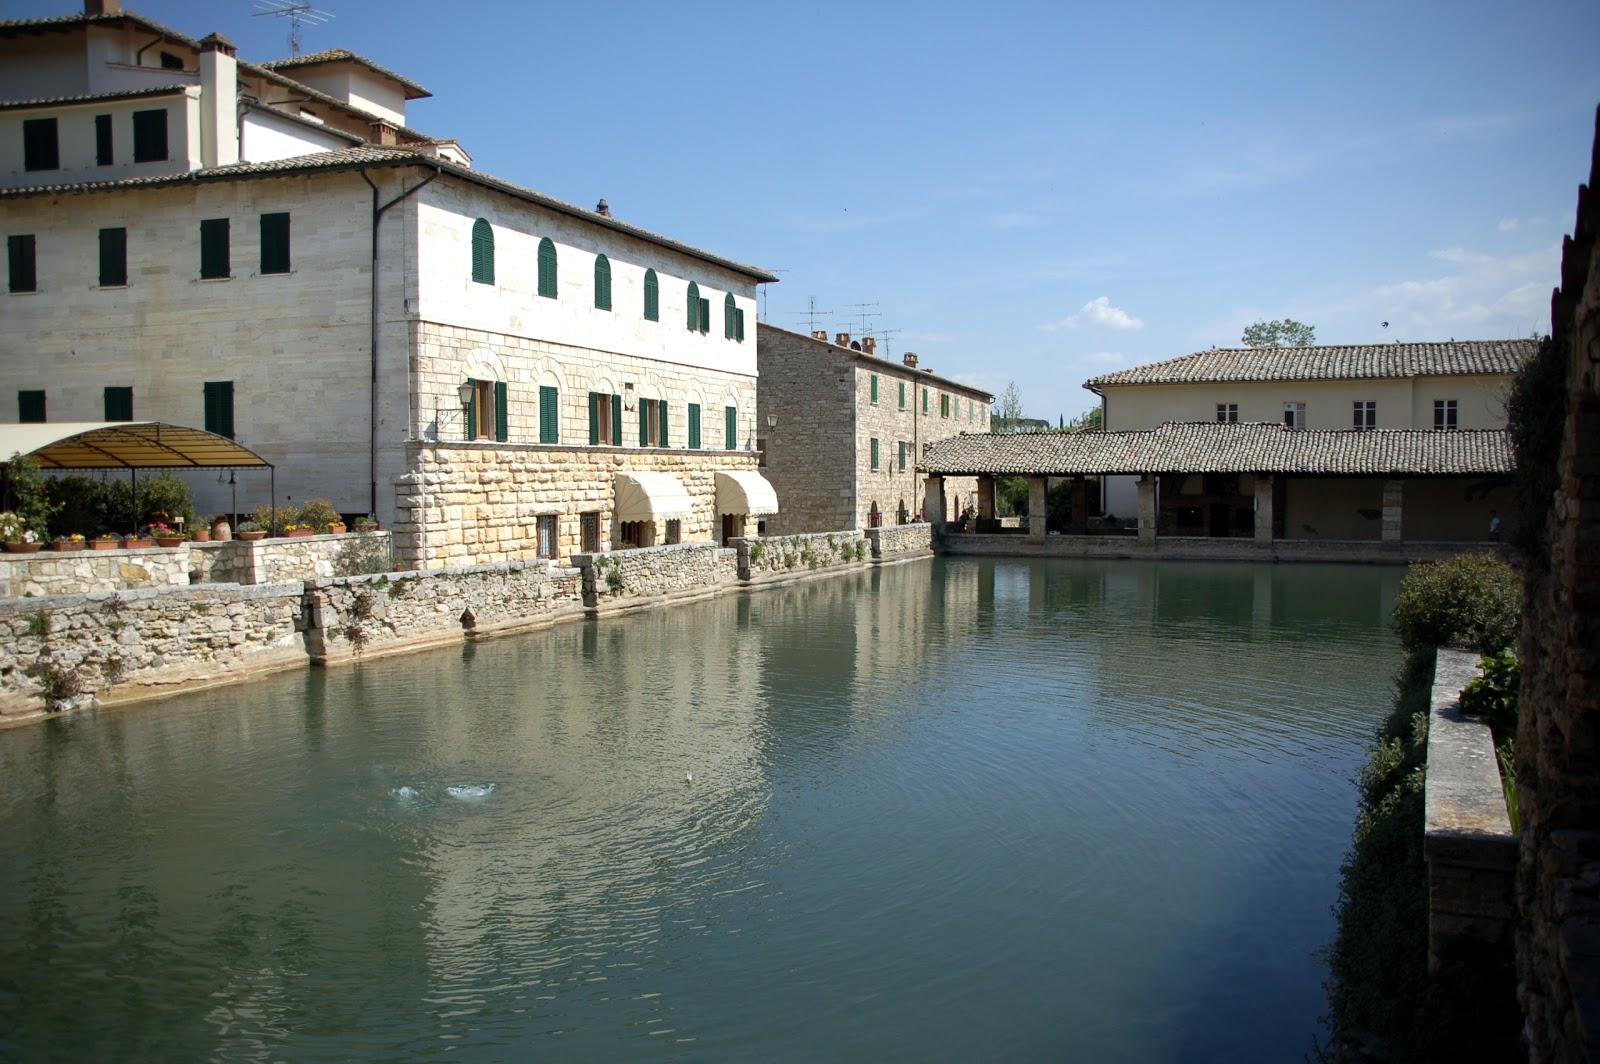 Gcf bagno vignoni - Il loggiato bagno vignoni ...